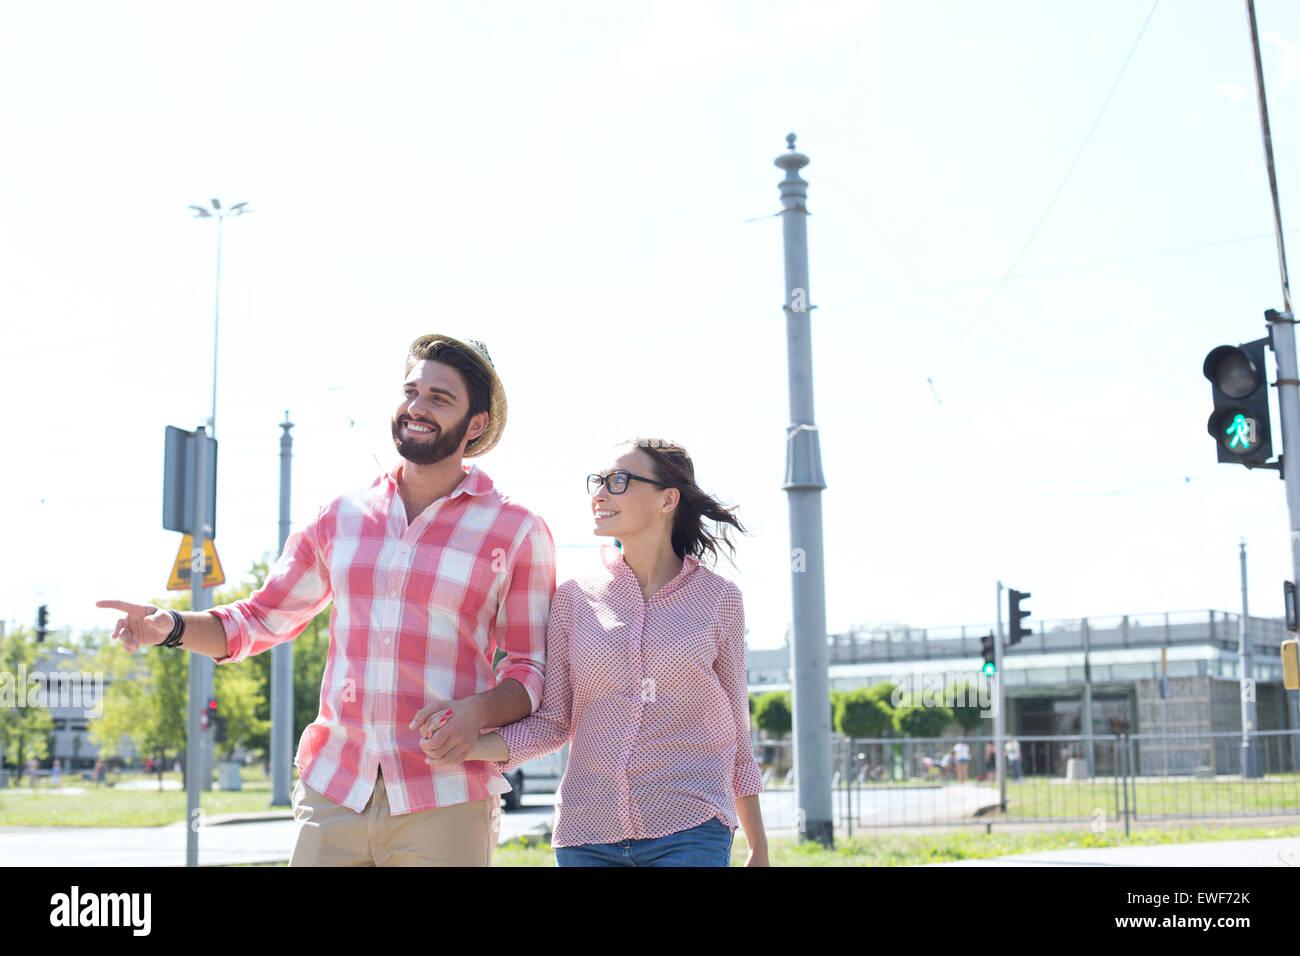 Coppia felice a camminare in città contro il cielo chiaro Immagini Stock